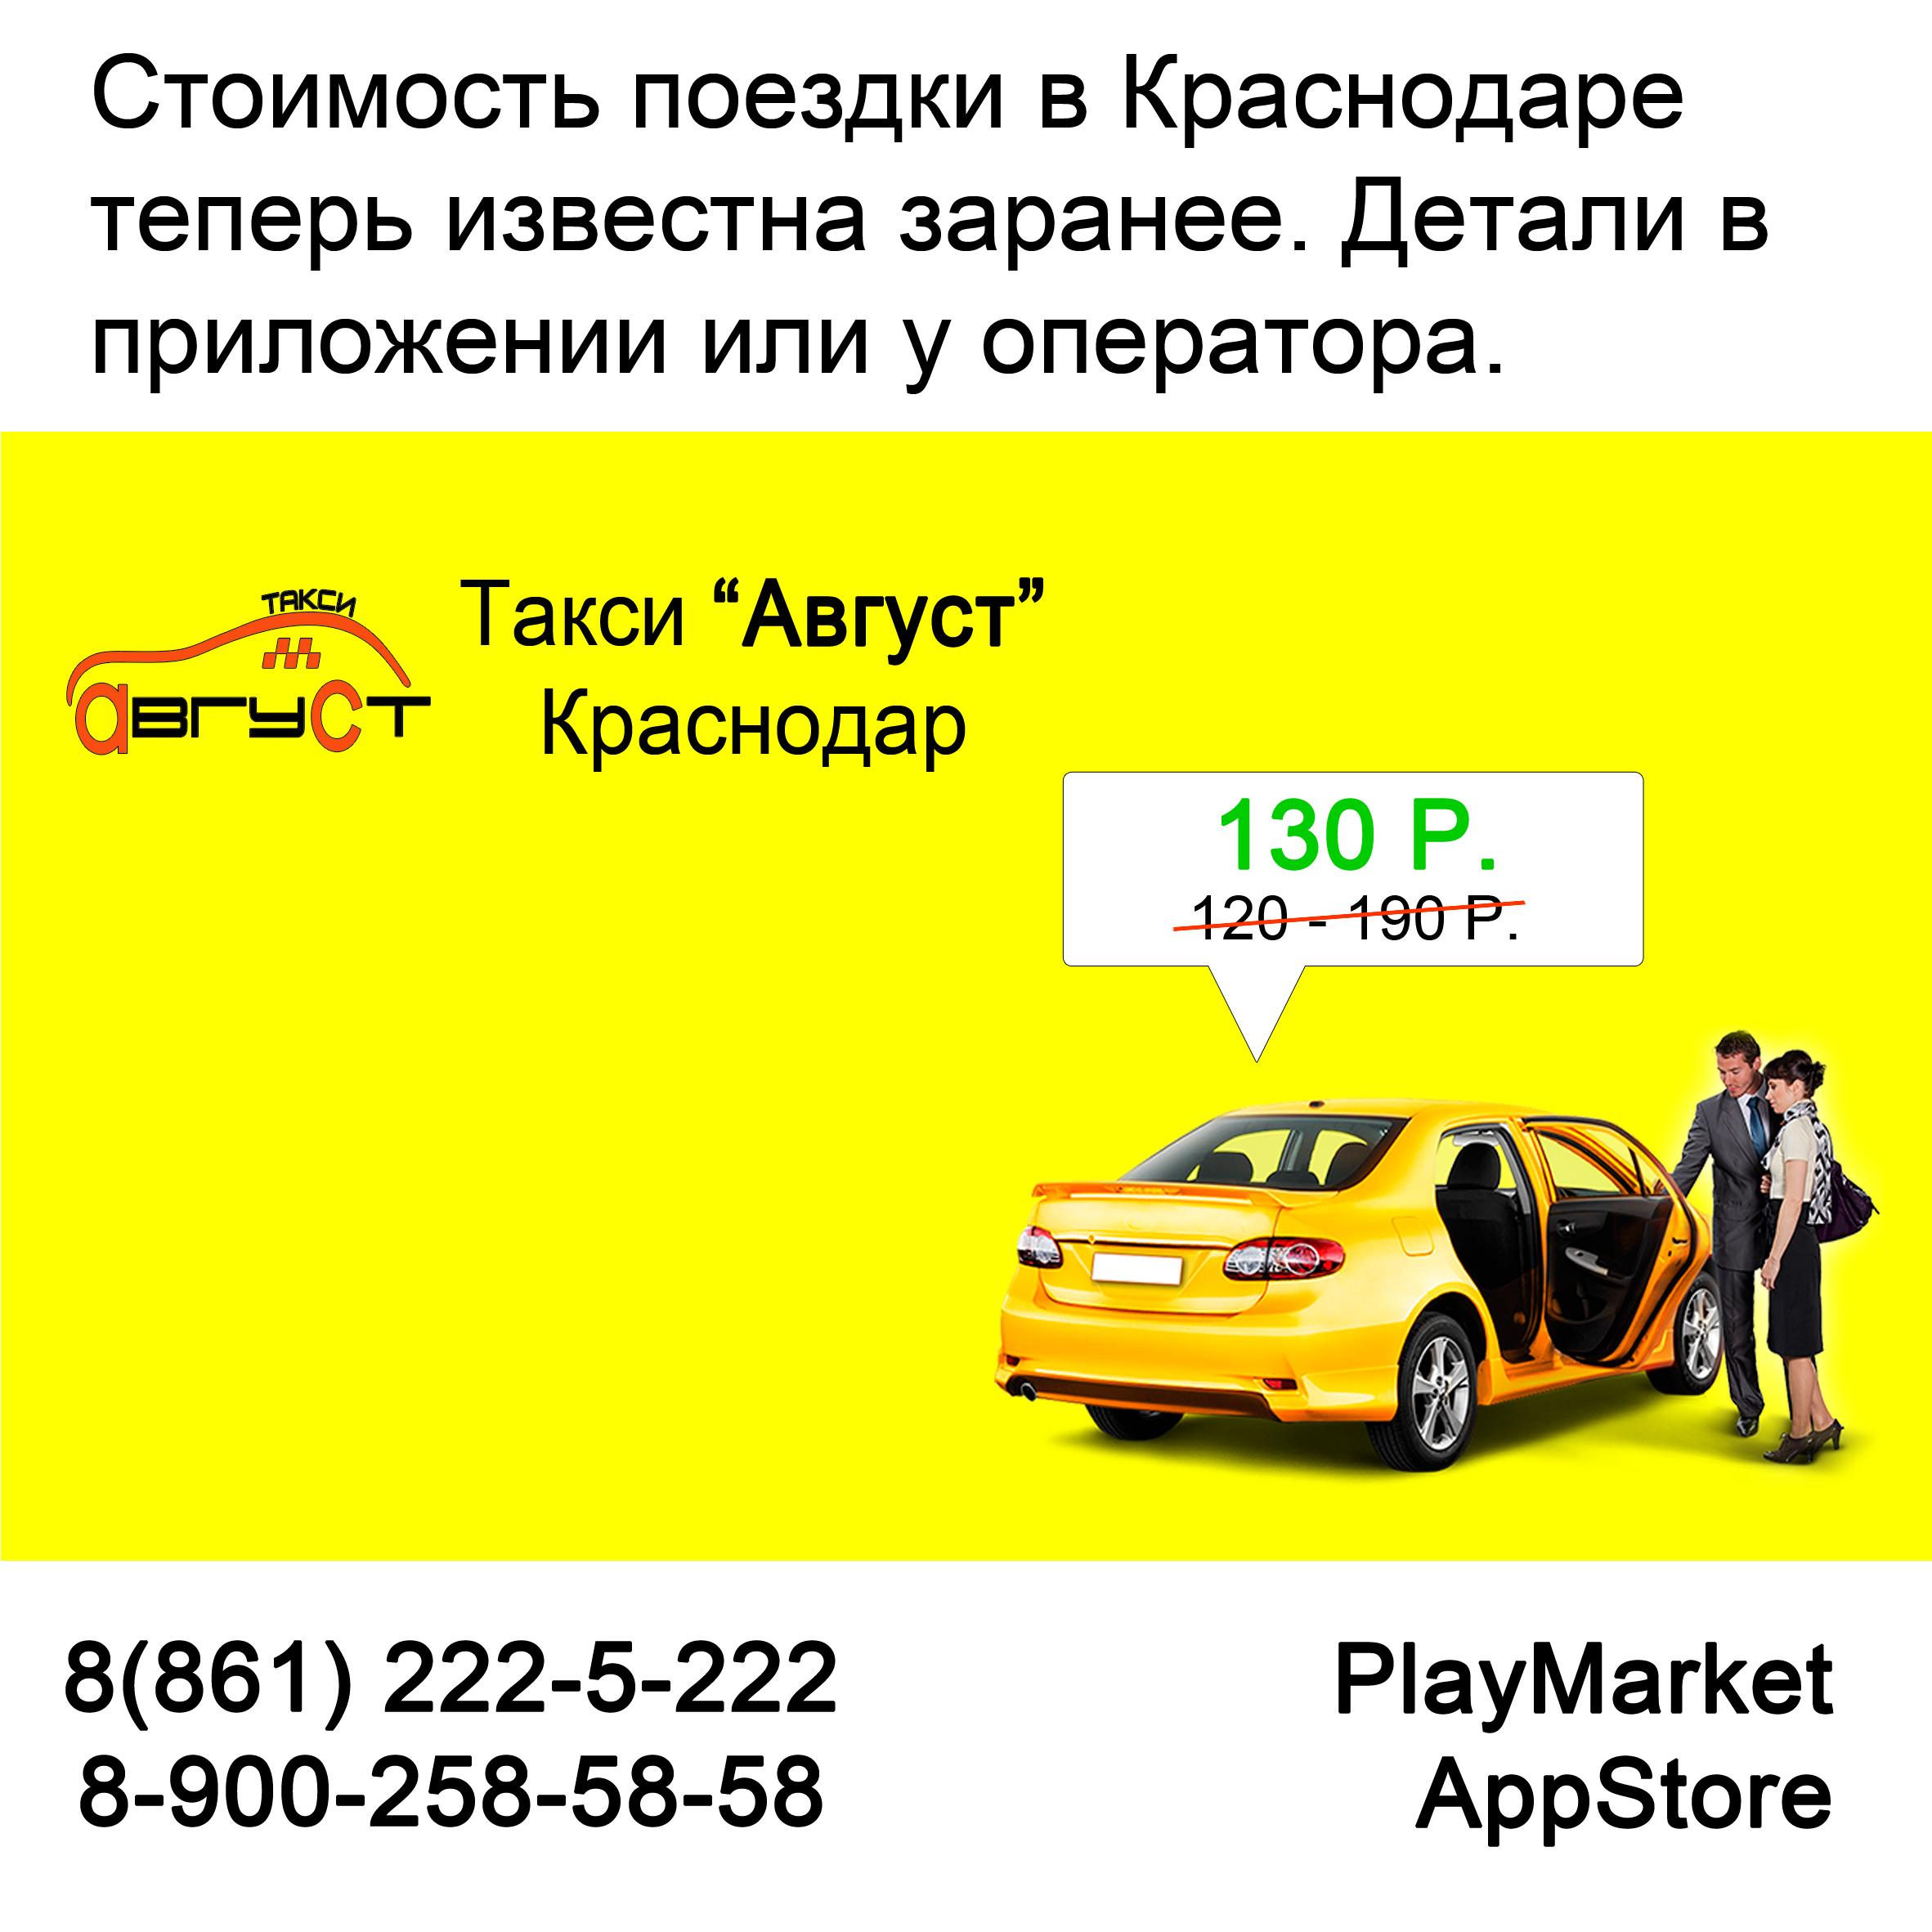 класс такси в краснодаре дешёвое отзывы резервуары стальные нержавеющие